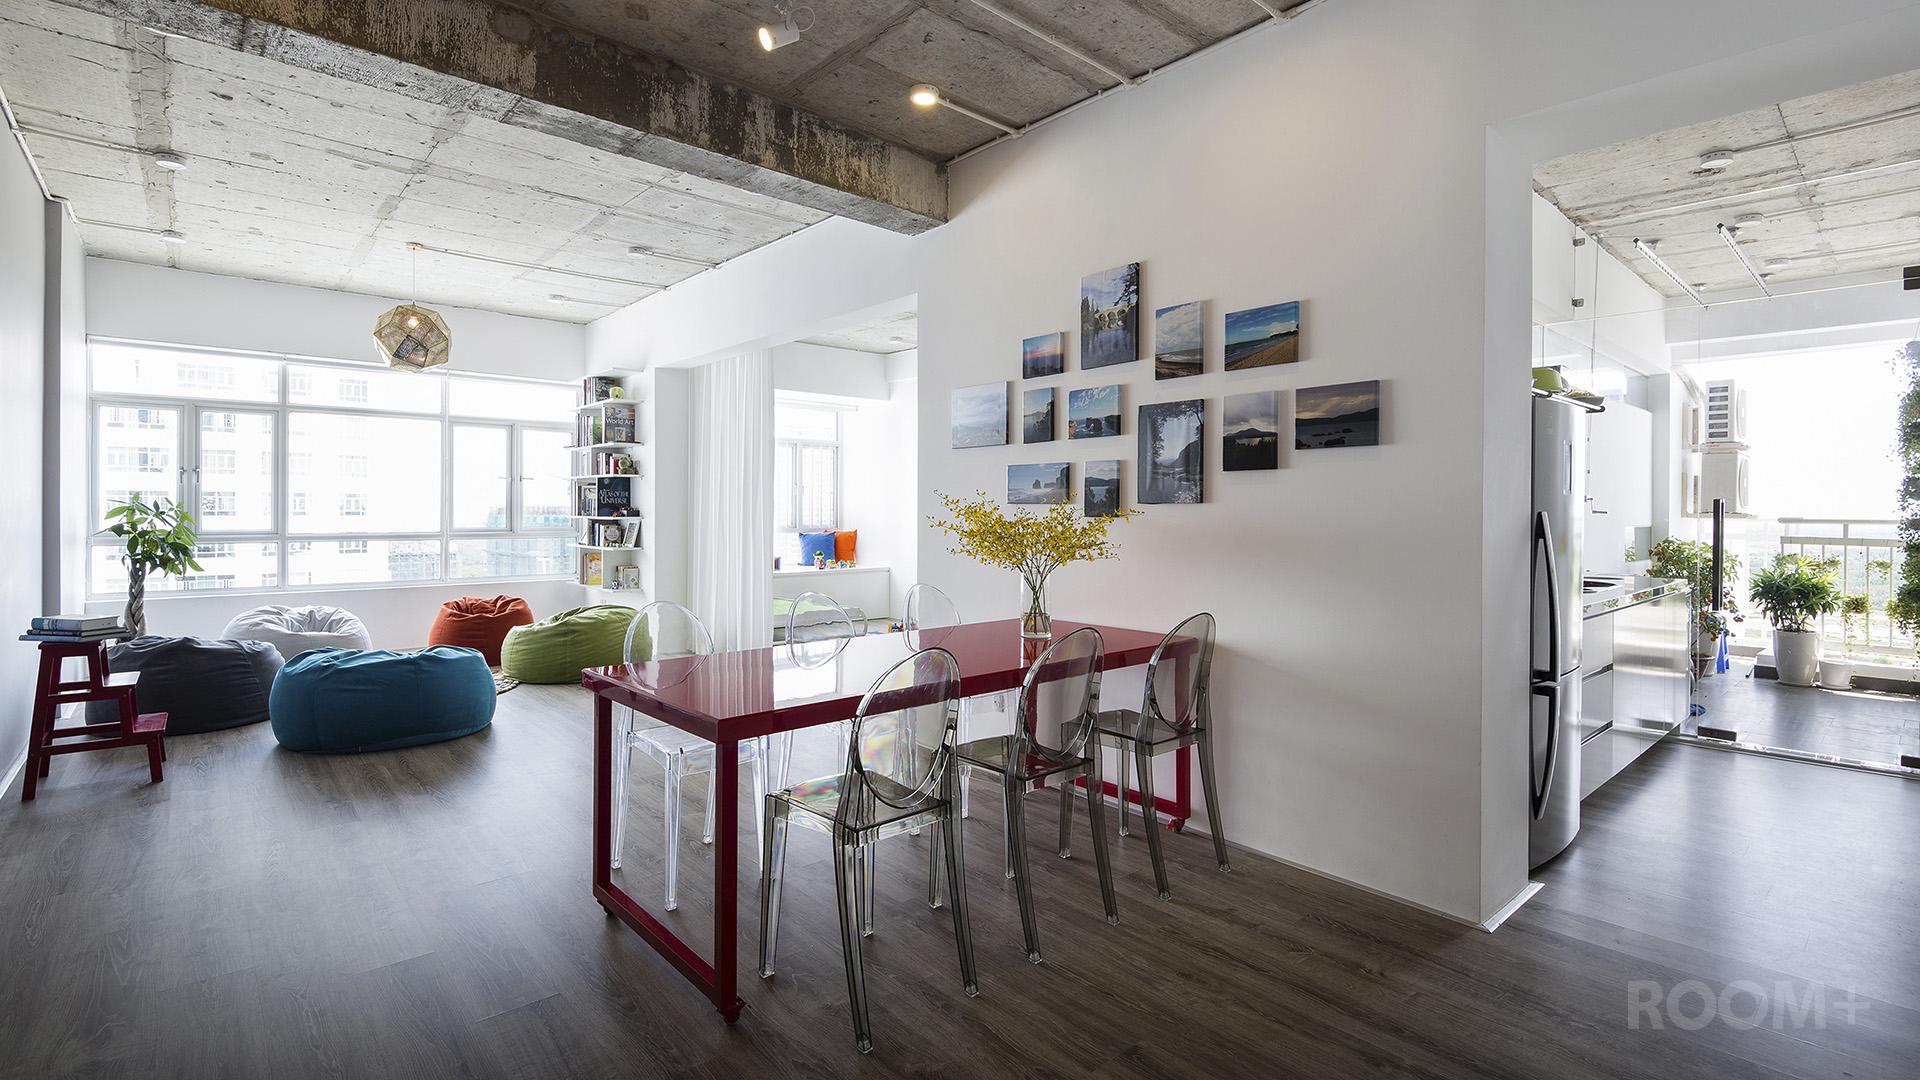 Thiết kế tiện nghi mà tiết kiệm trong căn hộ gia đình trẻ - Vnexpress